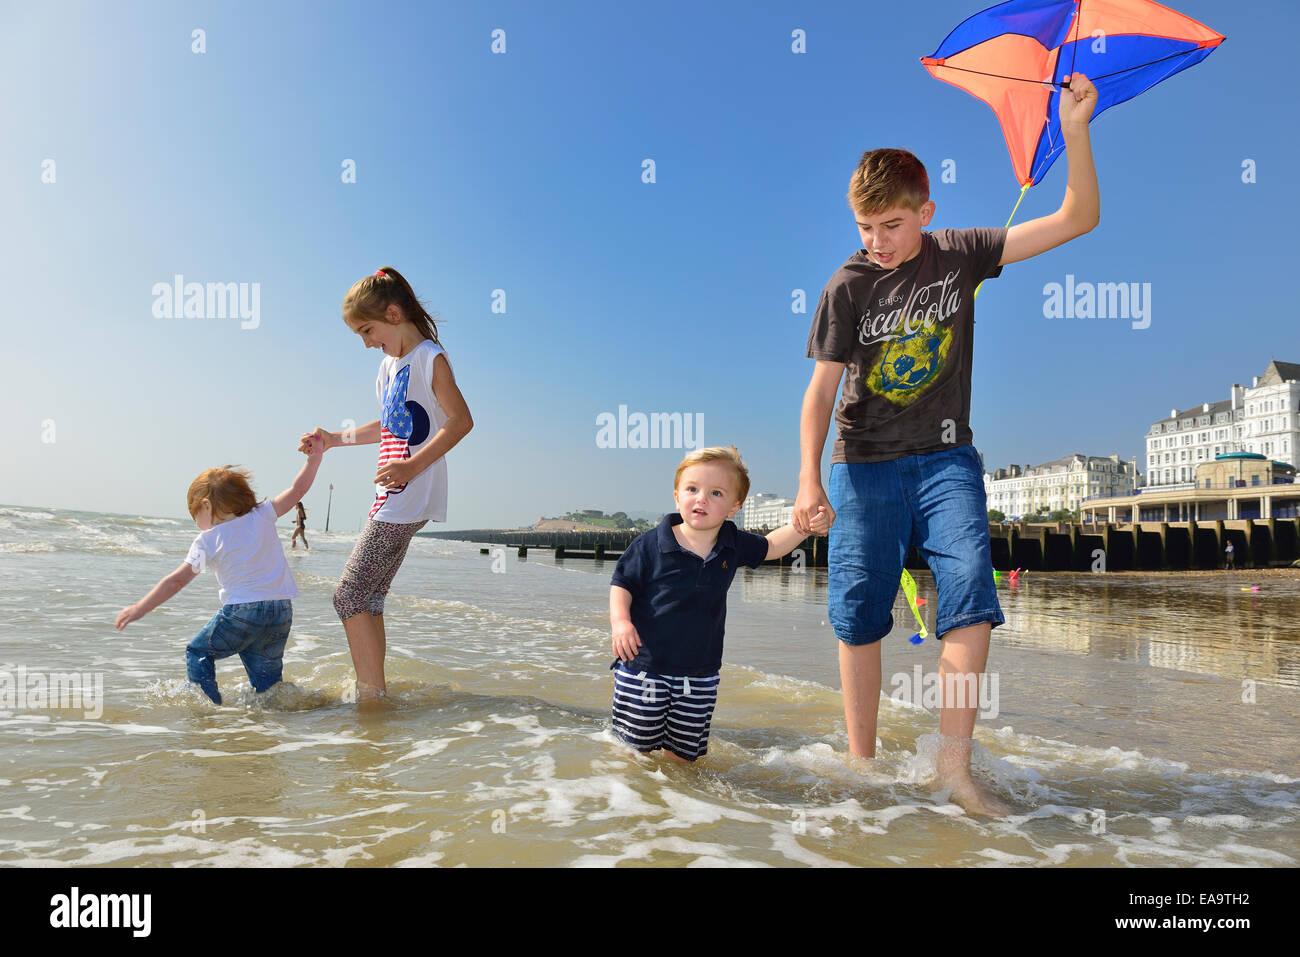 Les enfants courent sur la plage à marée basse. Eastbourne, East Sussex. UK Photo Stock